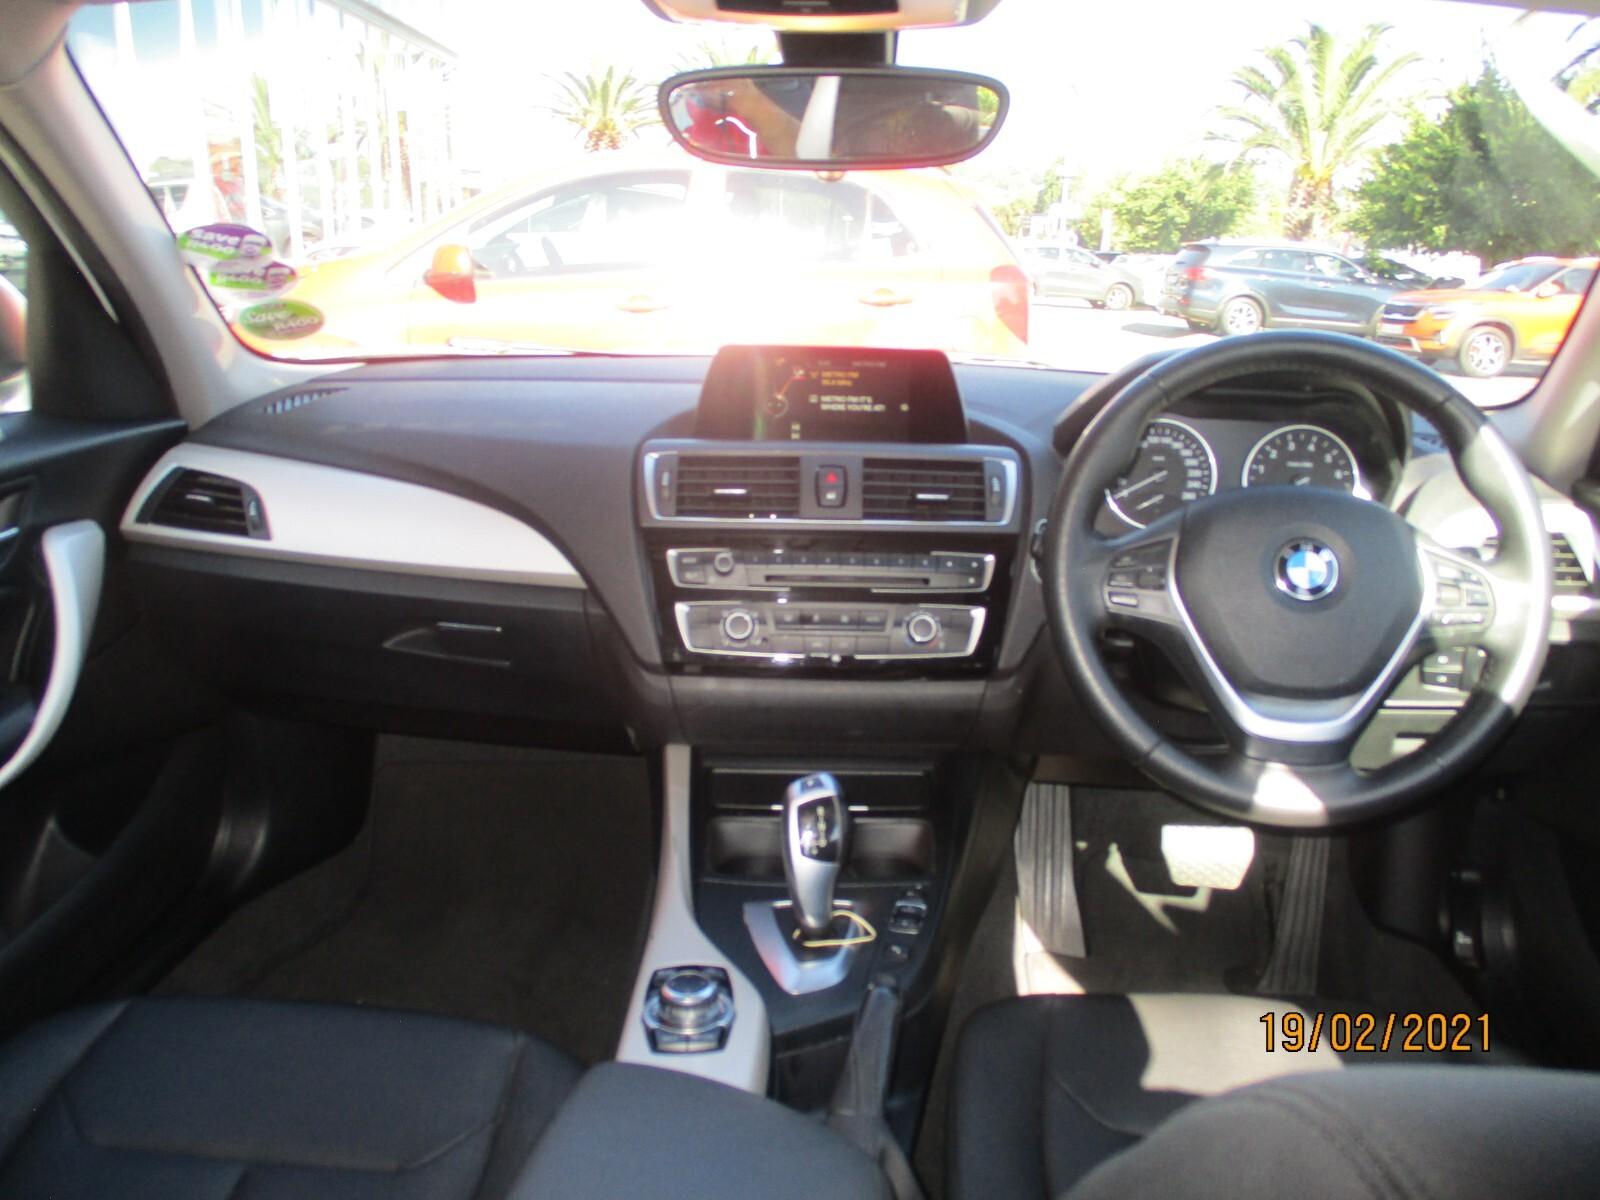 BMW 118i 5DR A/T (F20) Sandton 8328508